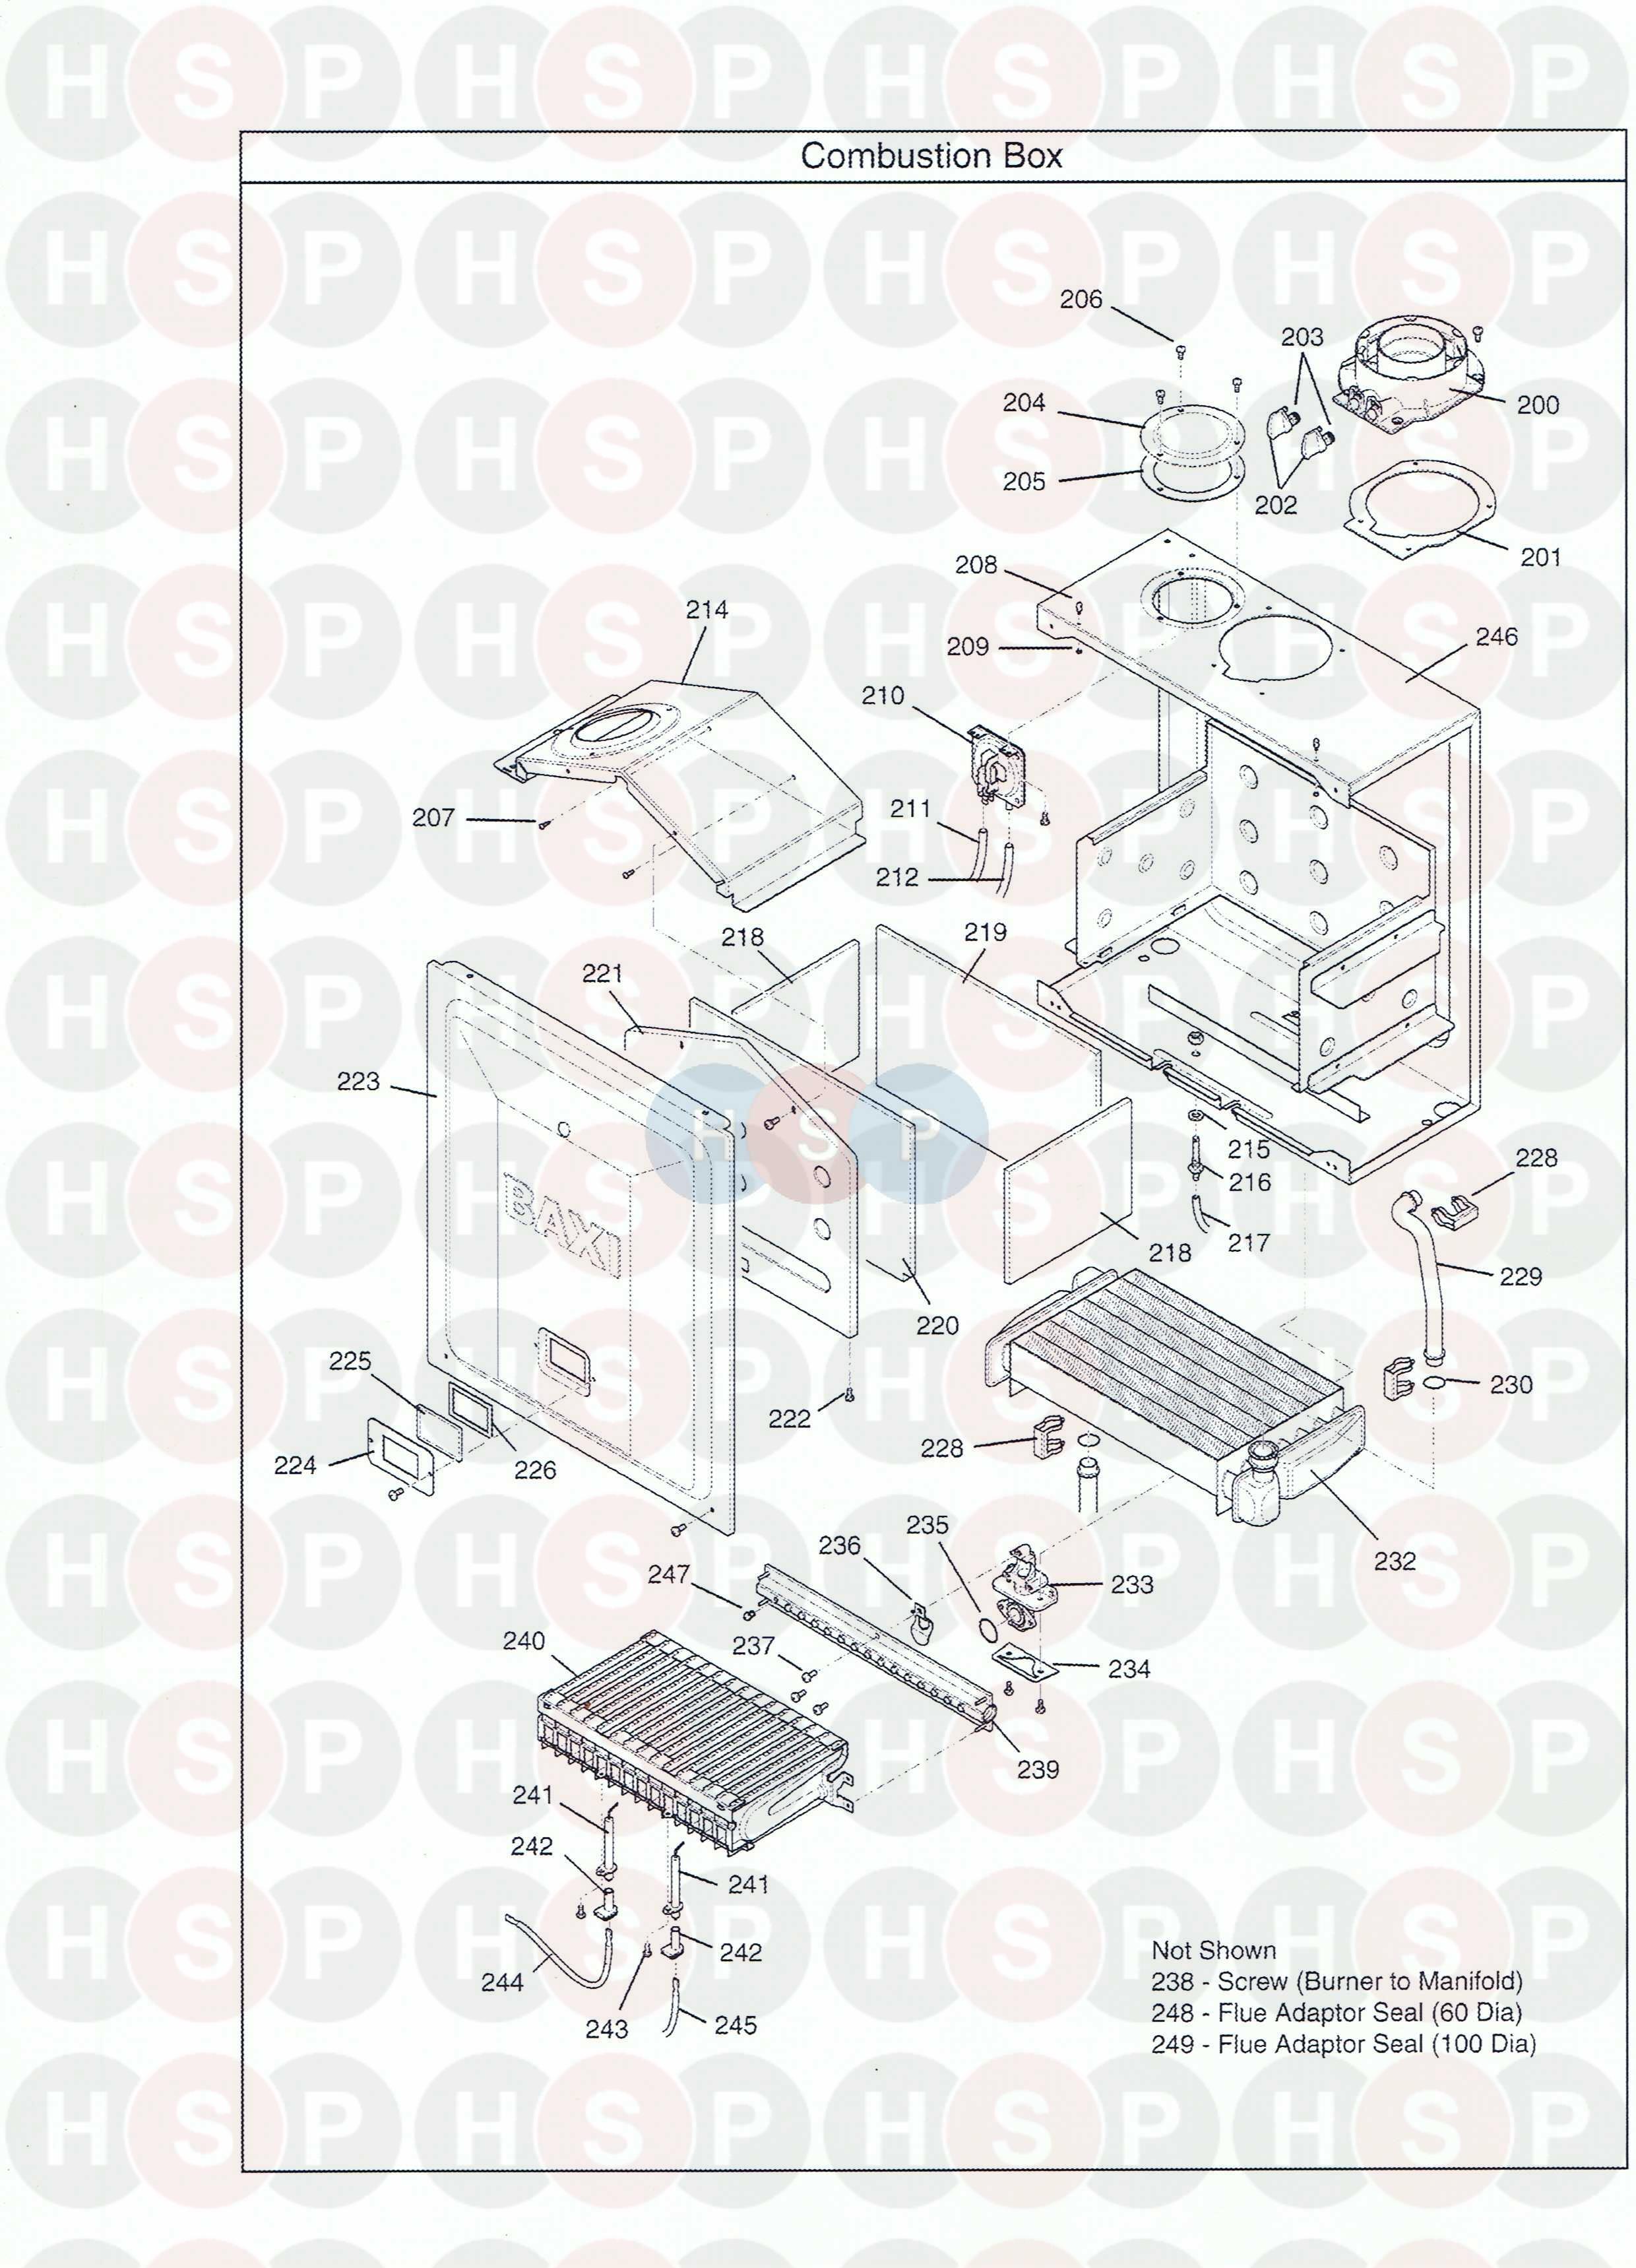 baxi combi instant 80e he appliance diagram  combustion